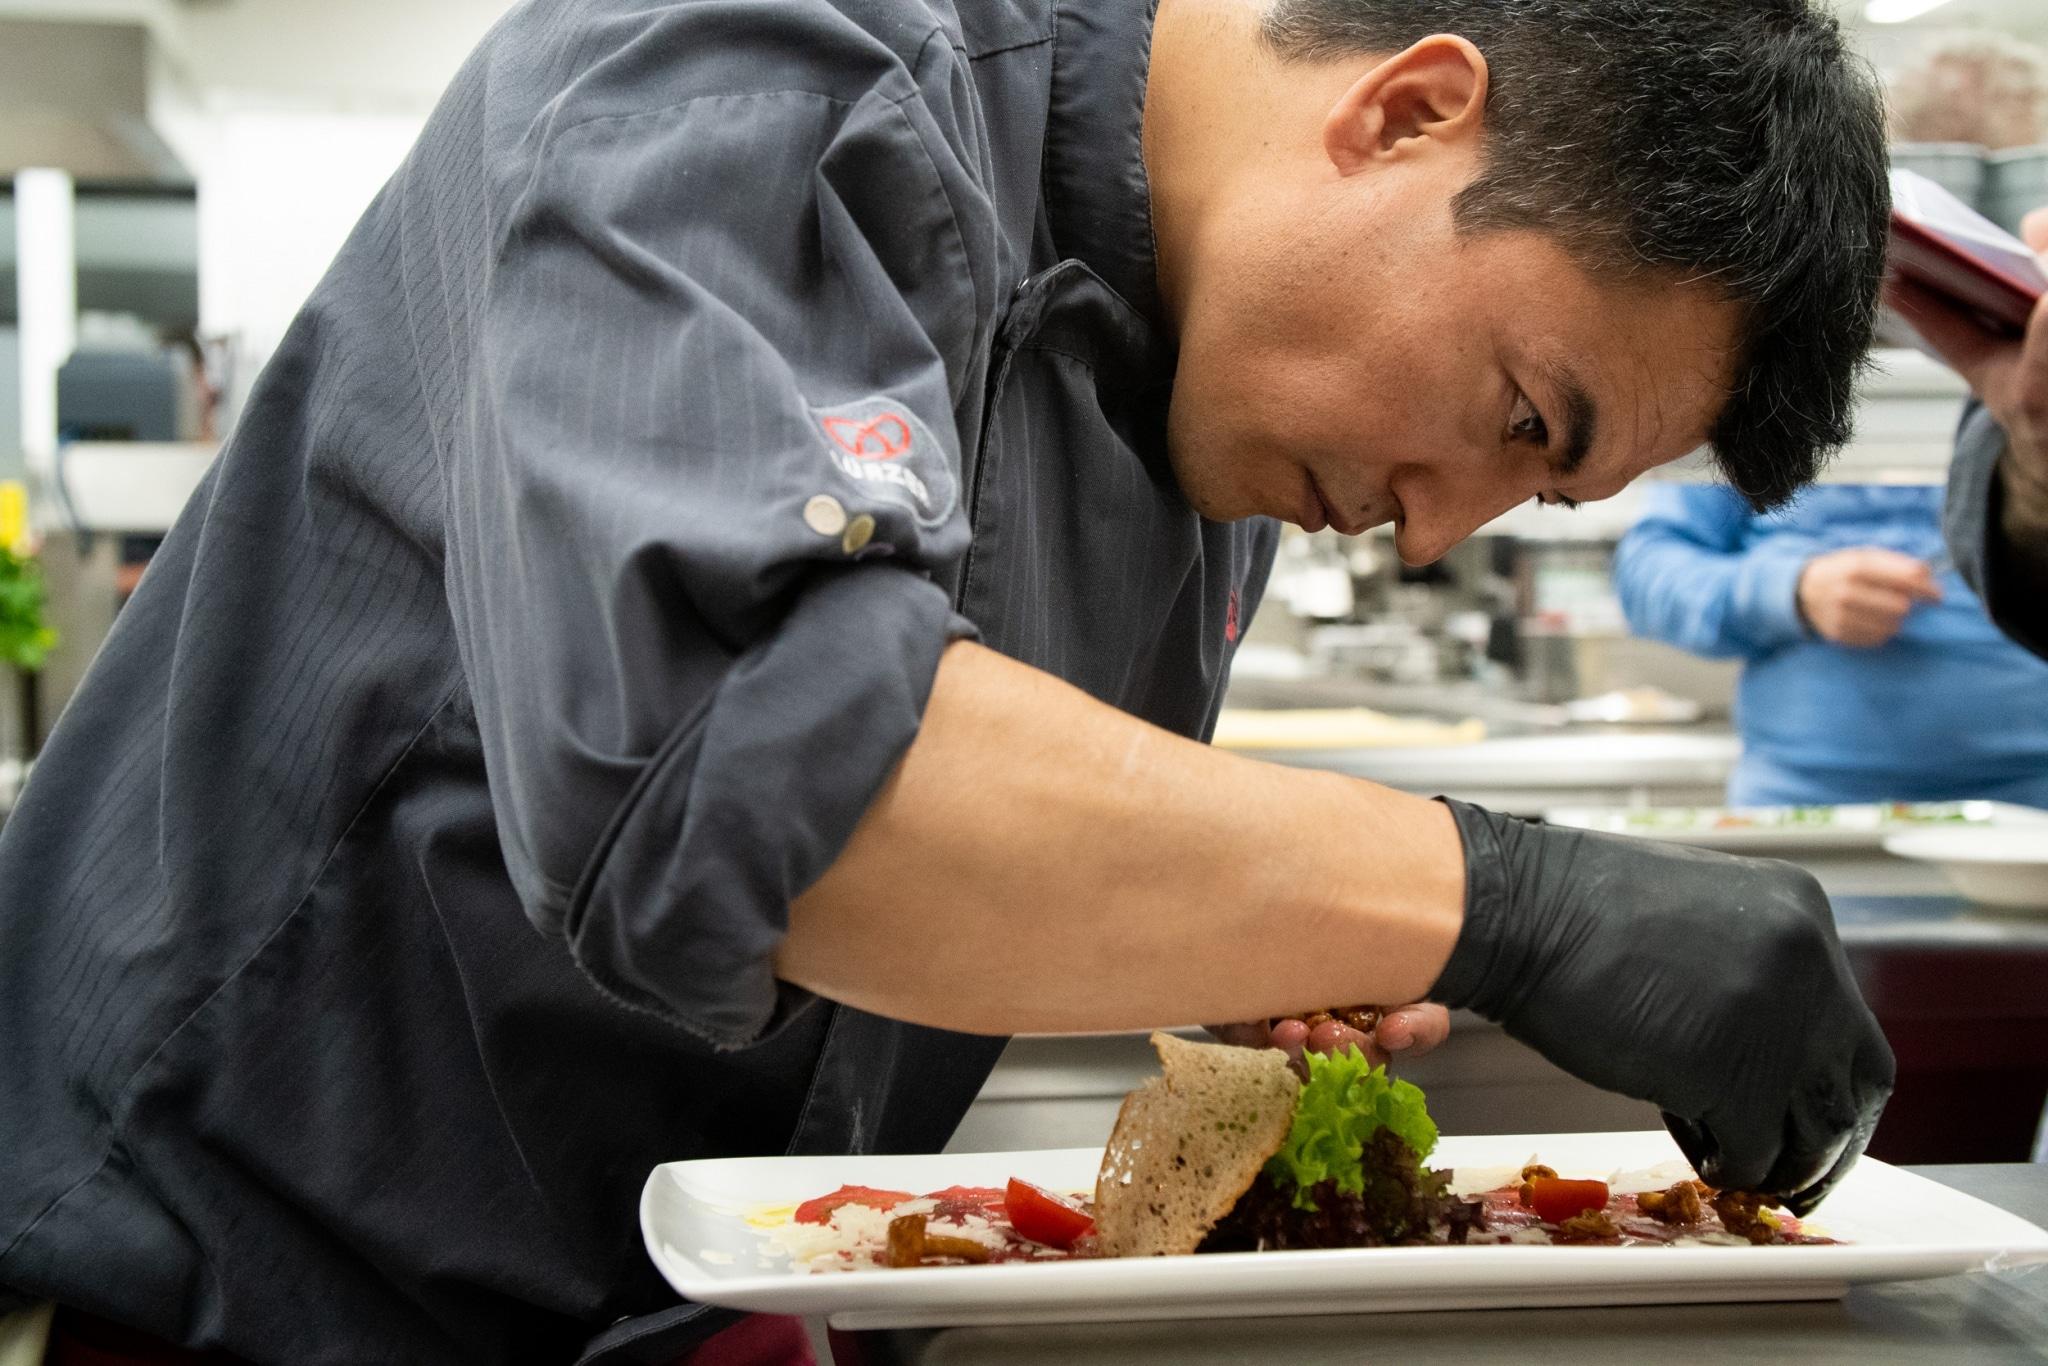 Koch mit Handschuhen bereitet Mahlzeit zu